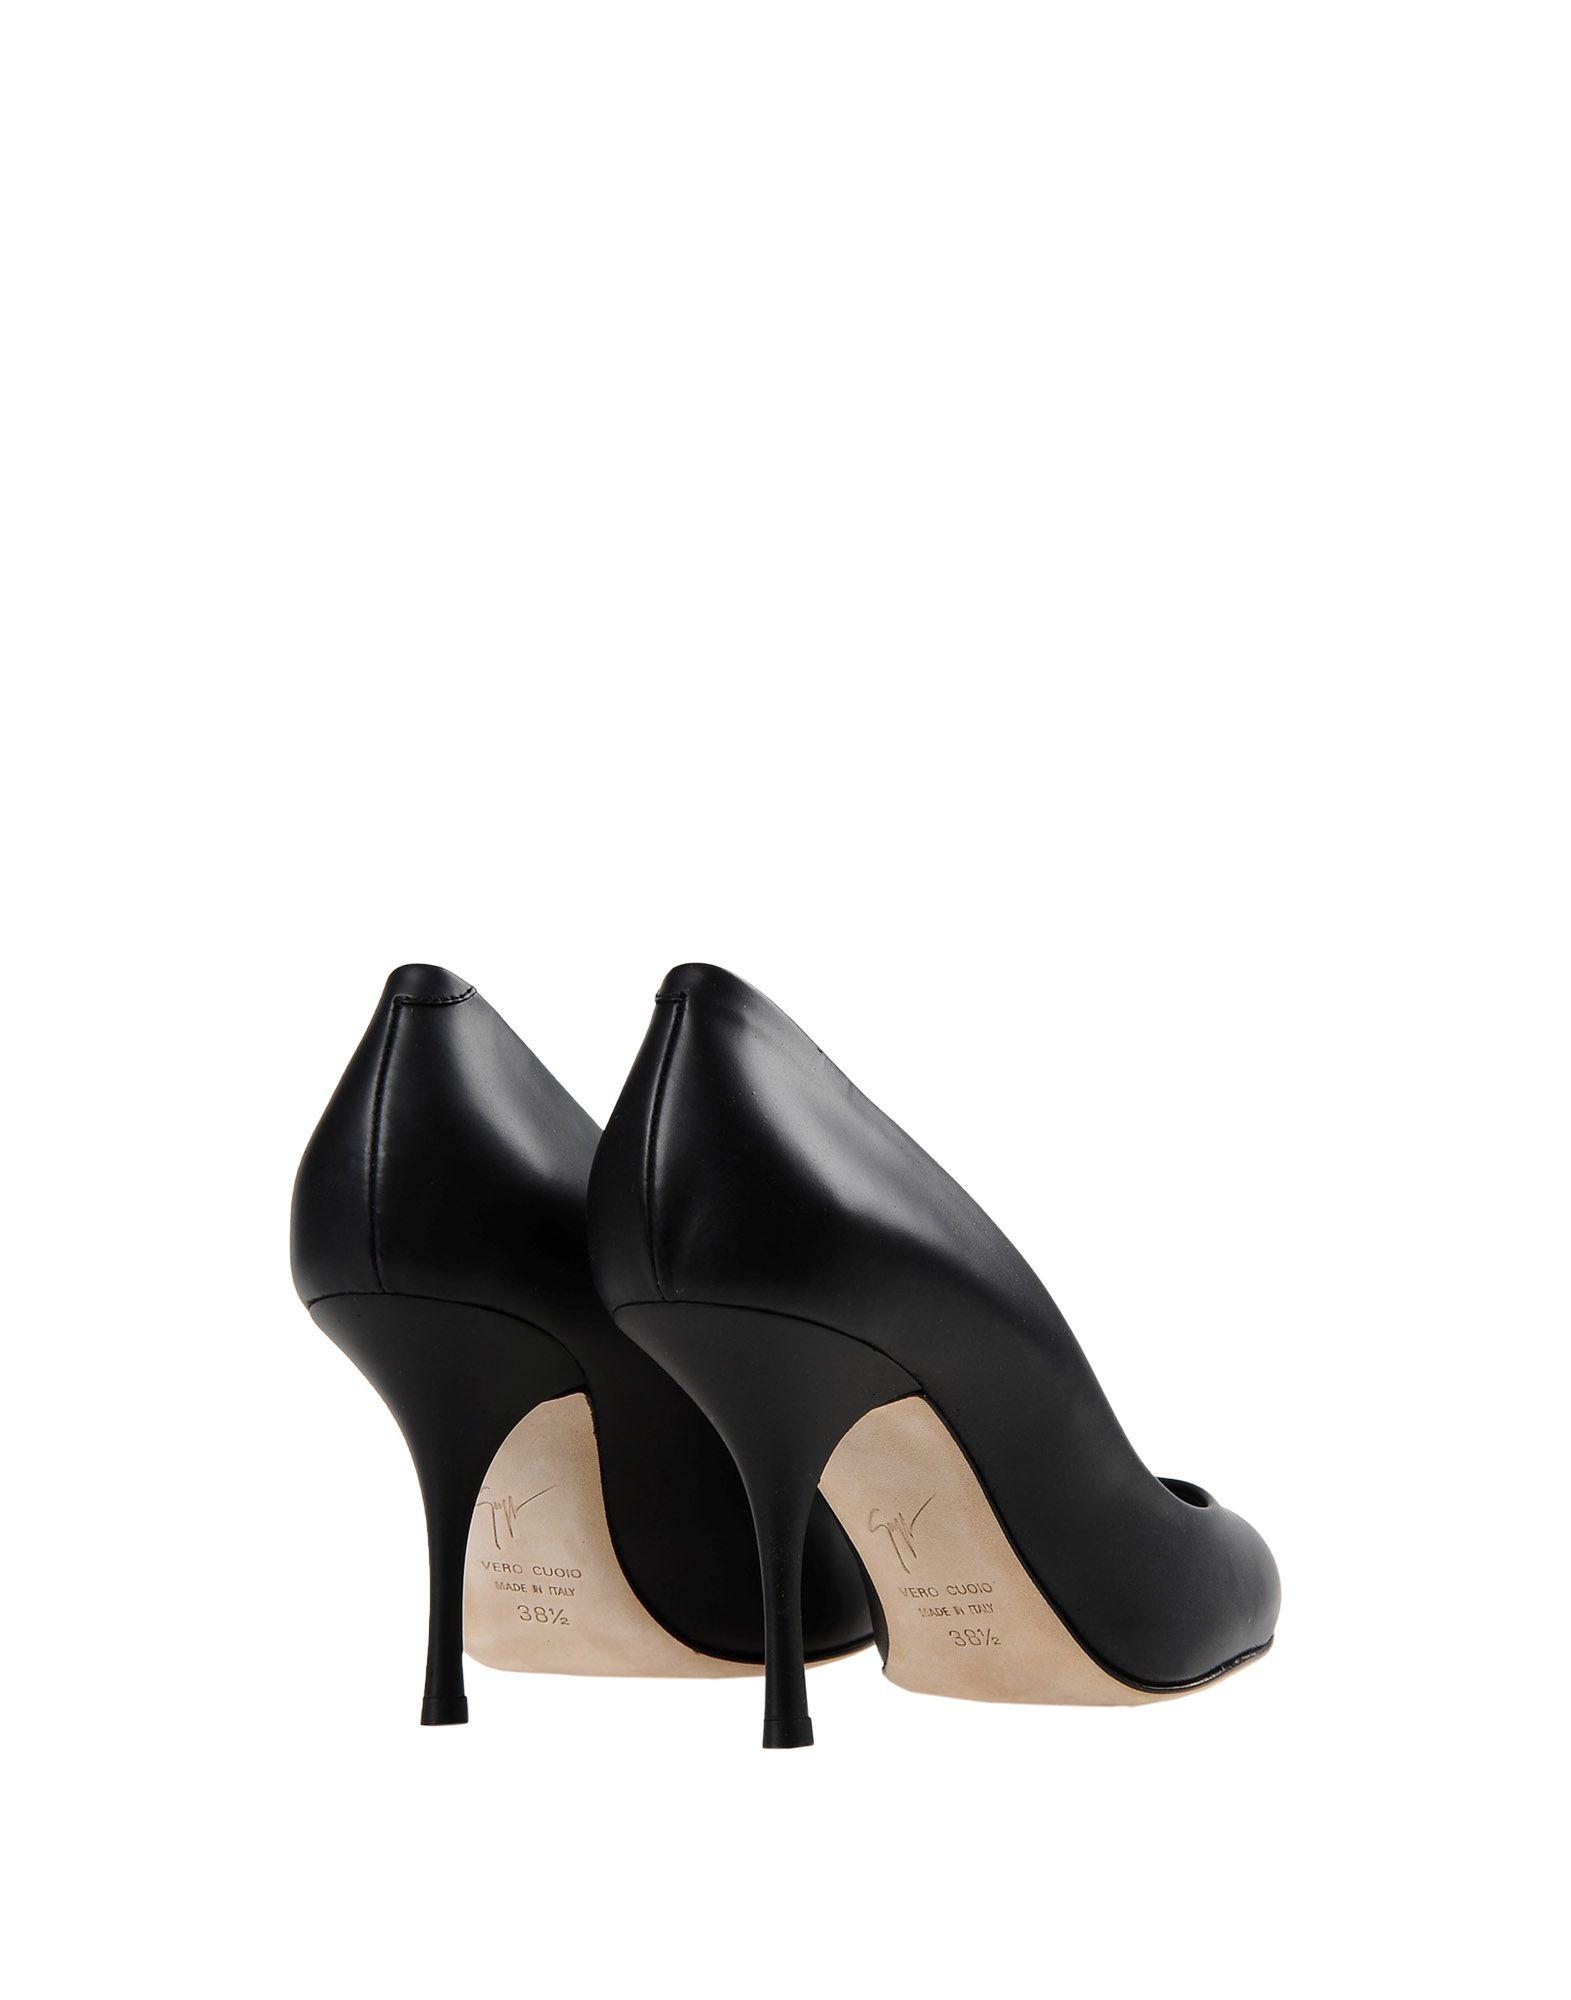 Rabatt Schuhe Giuseppe Zanotti  Pumps Damen  Zanotti 11430270SH fb8fe7